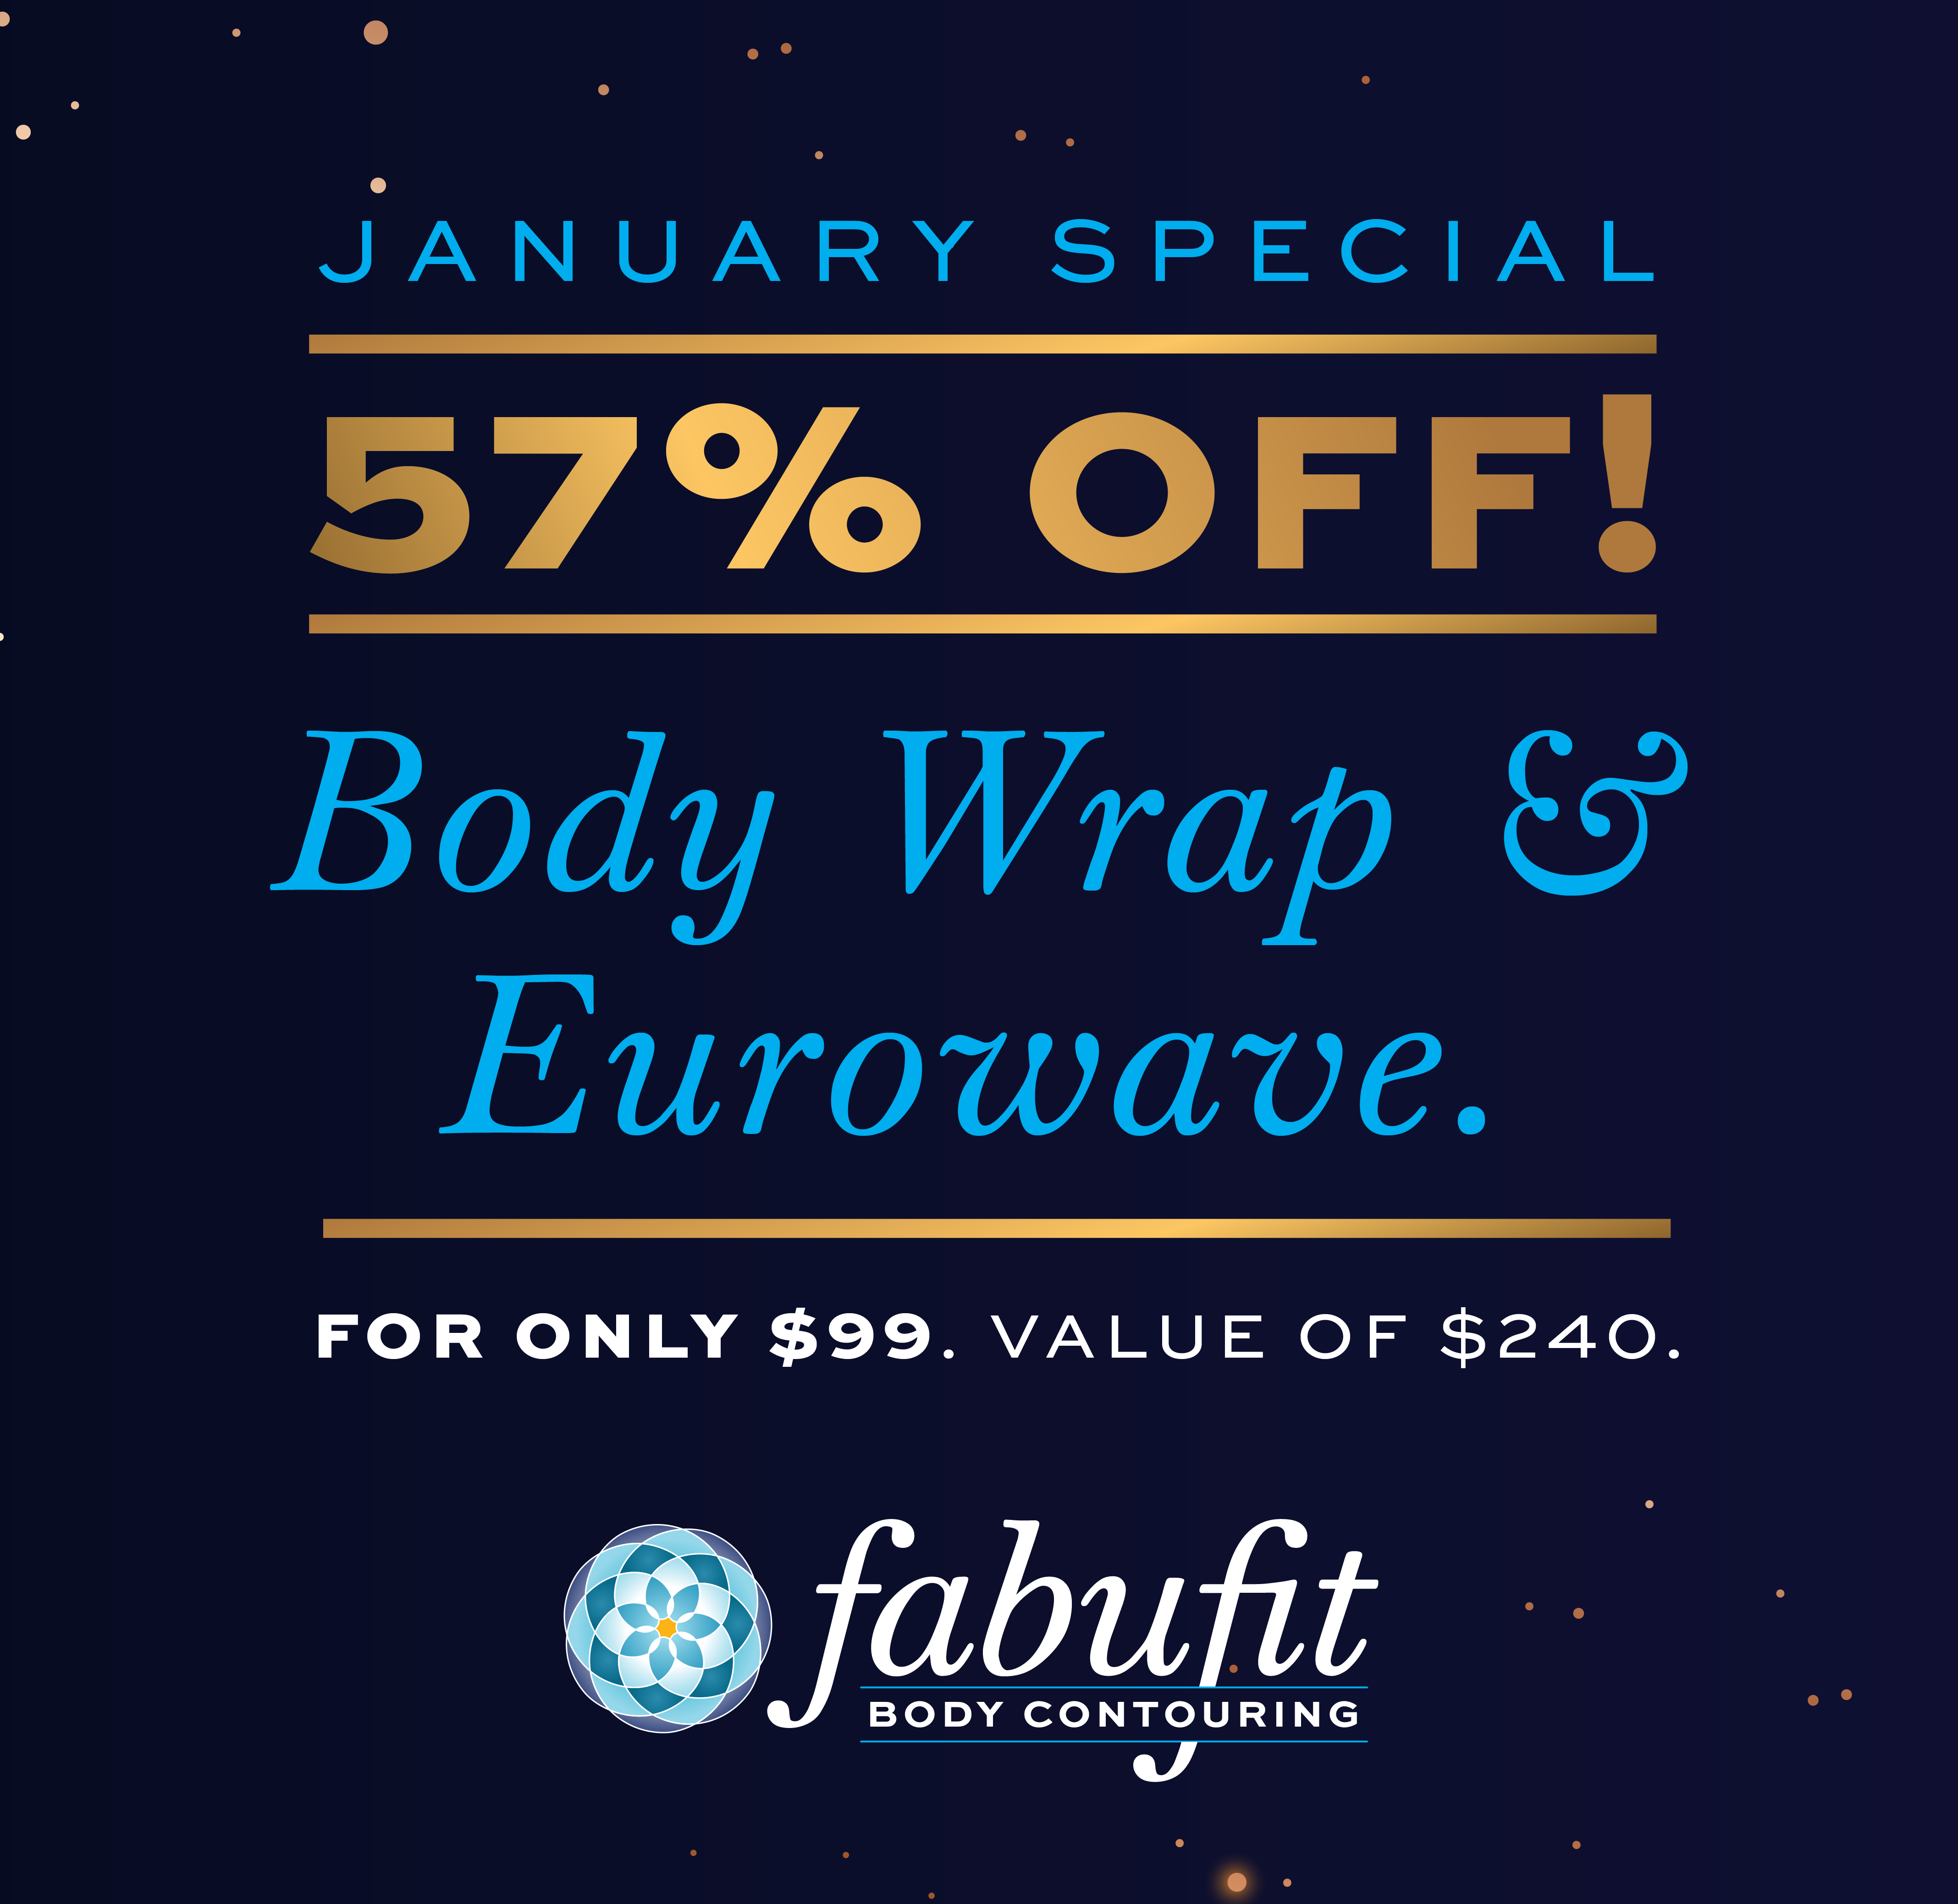 January Special on Eurowave & Bodywraps!